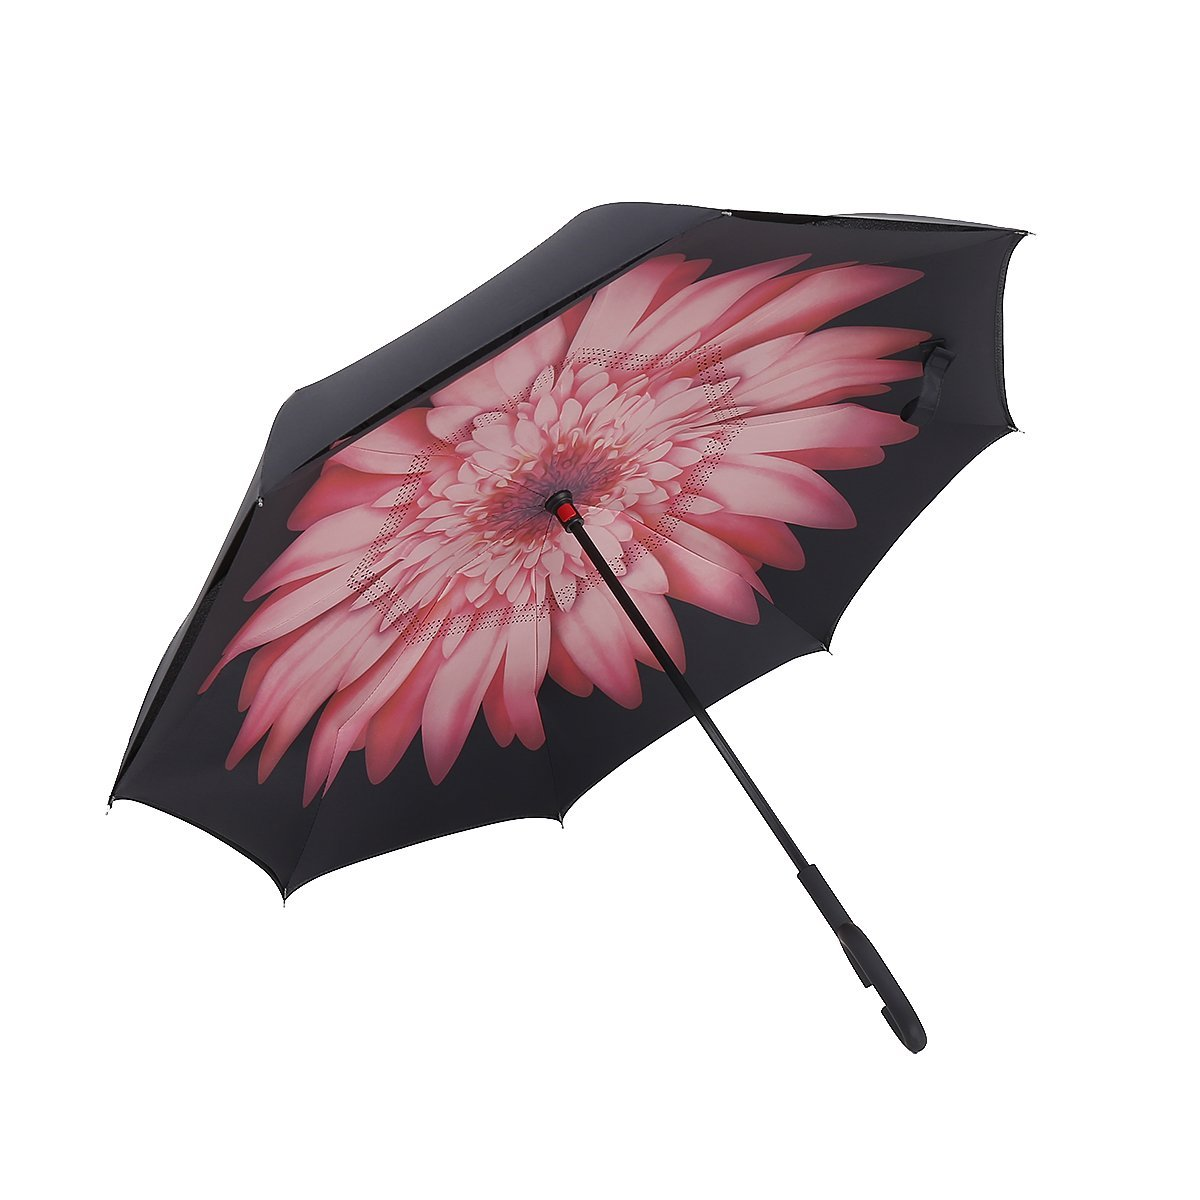 Creatieve handsfree omgekeerde paraplubak kan dubbele omgekeerde - Huishouden